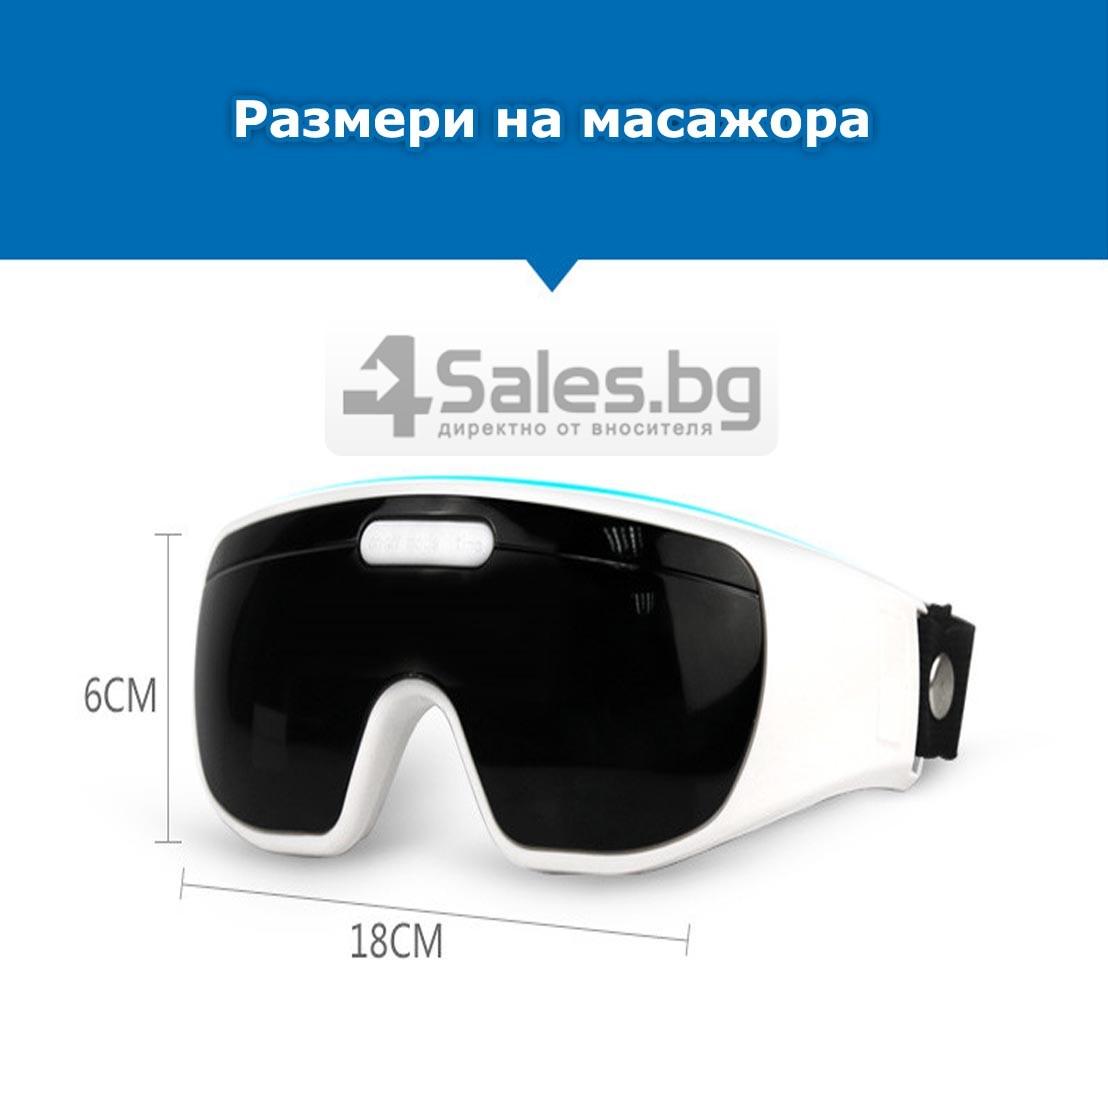 Акупунктурен масажор за очи с вибрации и регулираща се лента TV75 6